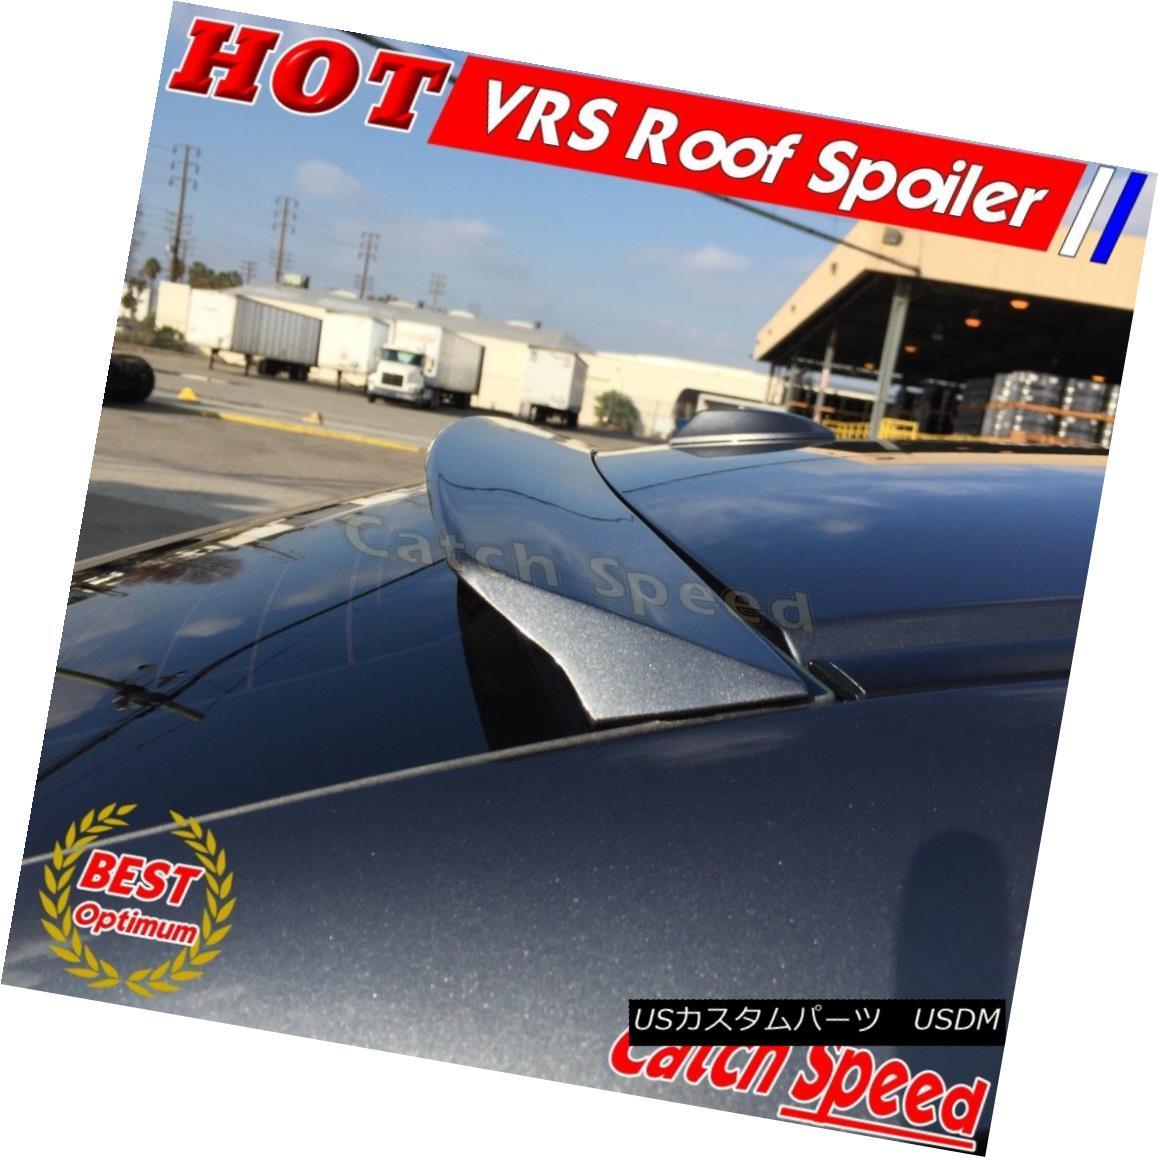 エアロパーツ Painted VRS Style Rear Roof Spoiler Wing For Ford Fusion Sedan 2010 2011 2012 フォードフュージョン用VRSスタイルリアルーフスポイラーウイングセダン2010 2011 2012